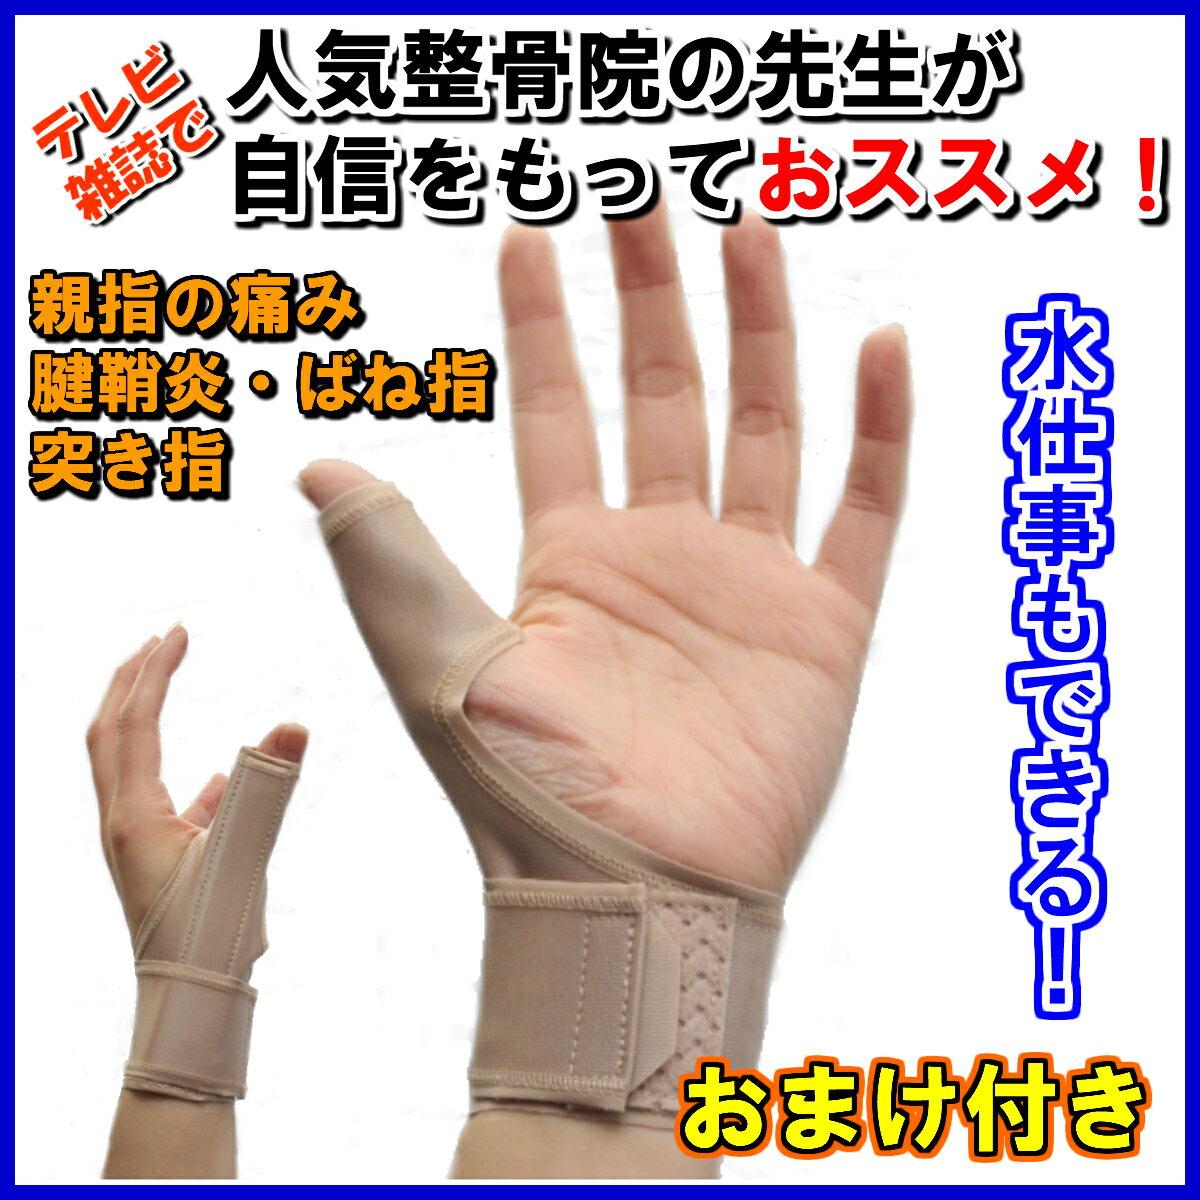 腱鞘炎 親指腱鞘炎 ばね指 バネ指 捻挫 親指 指サポーター 関節炎